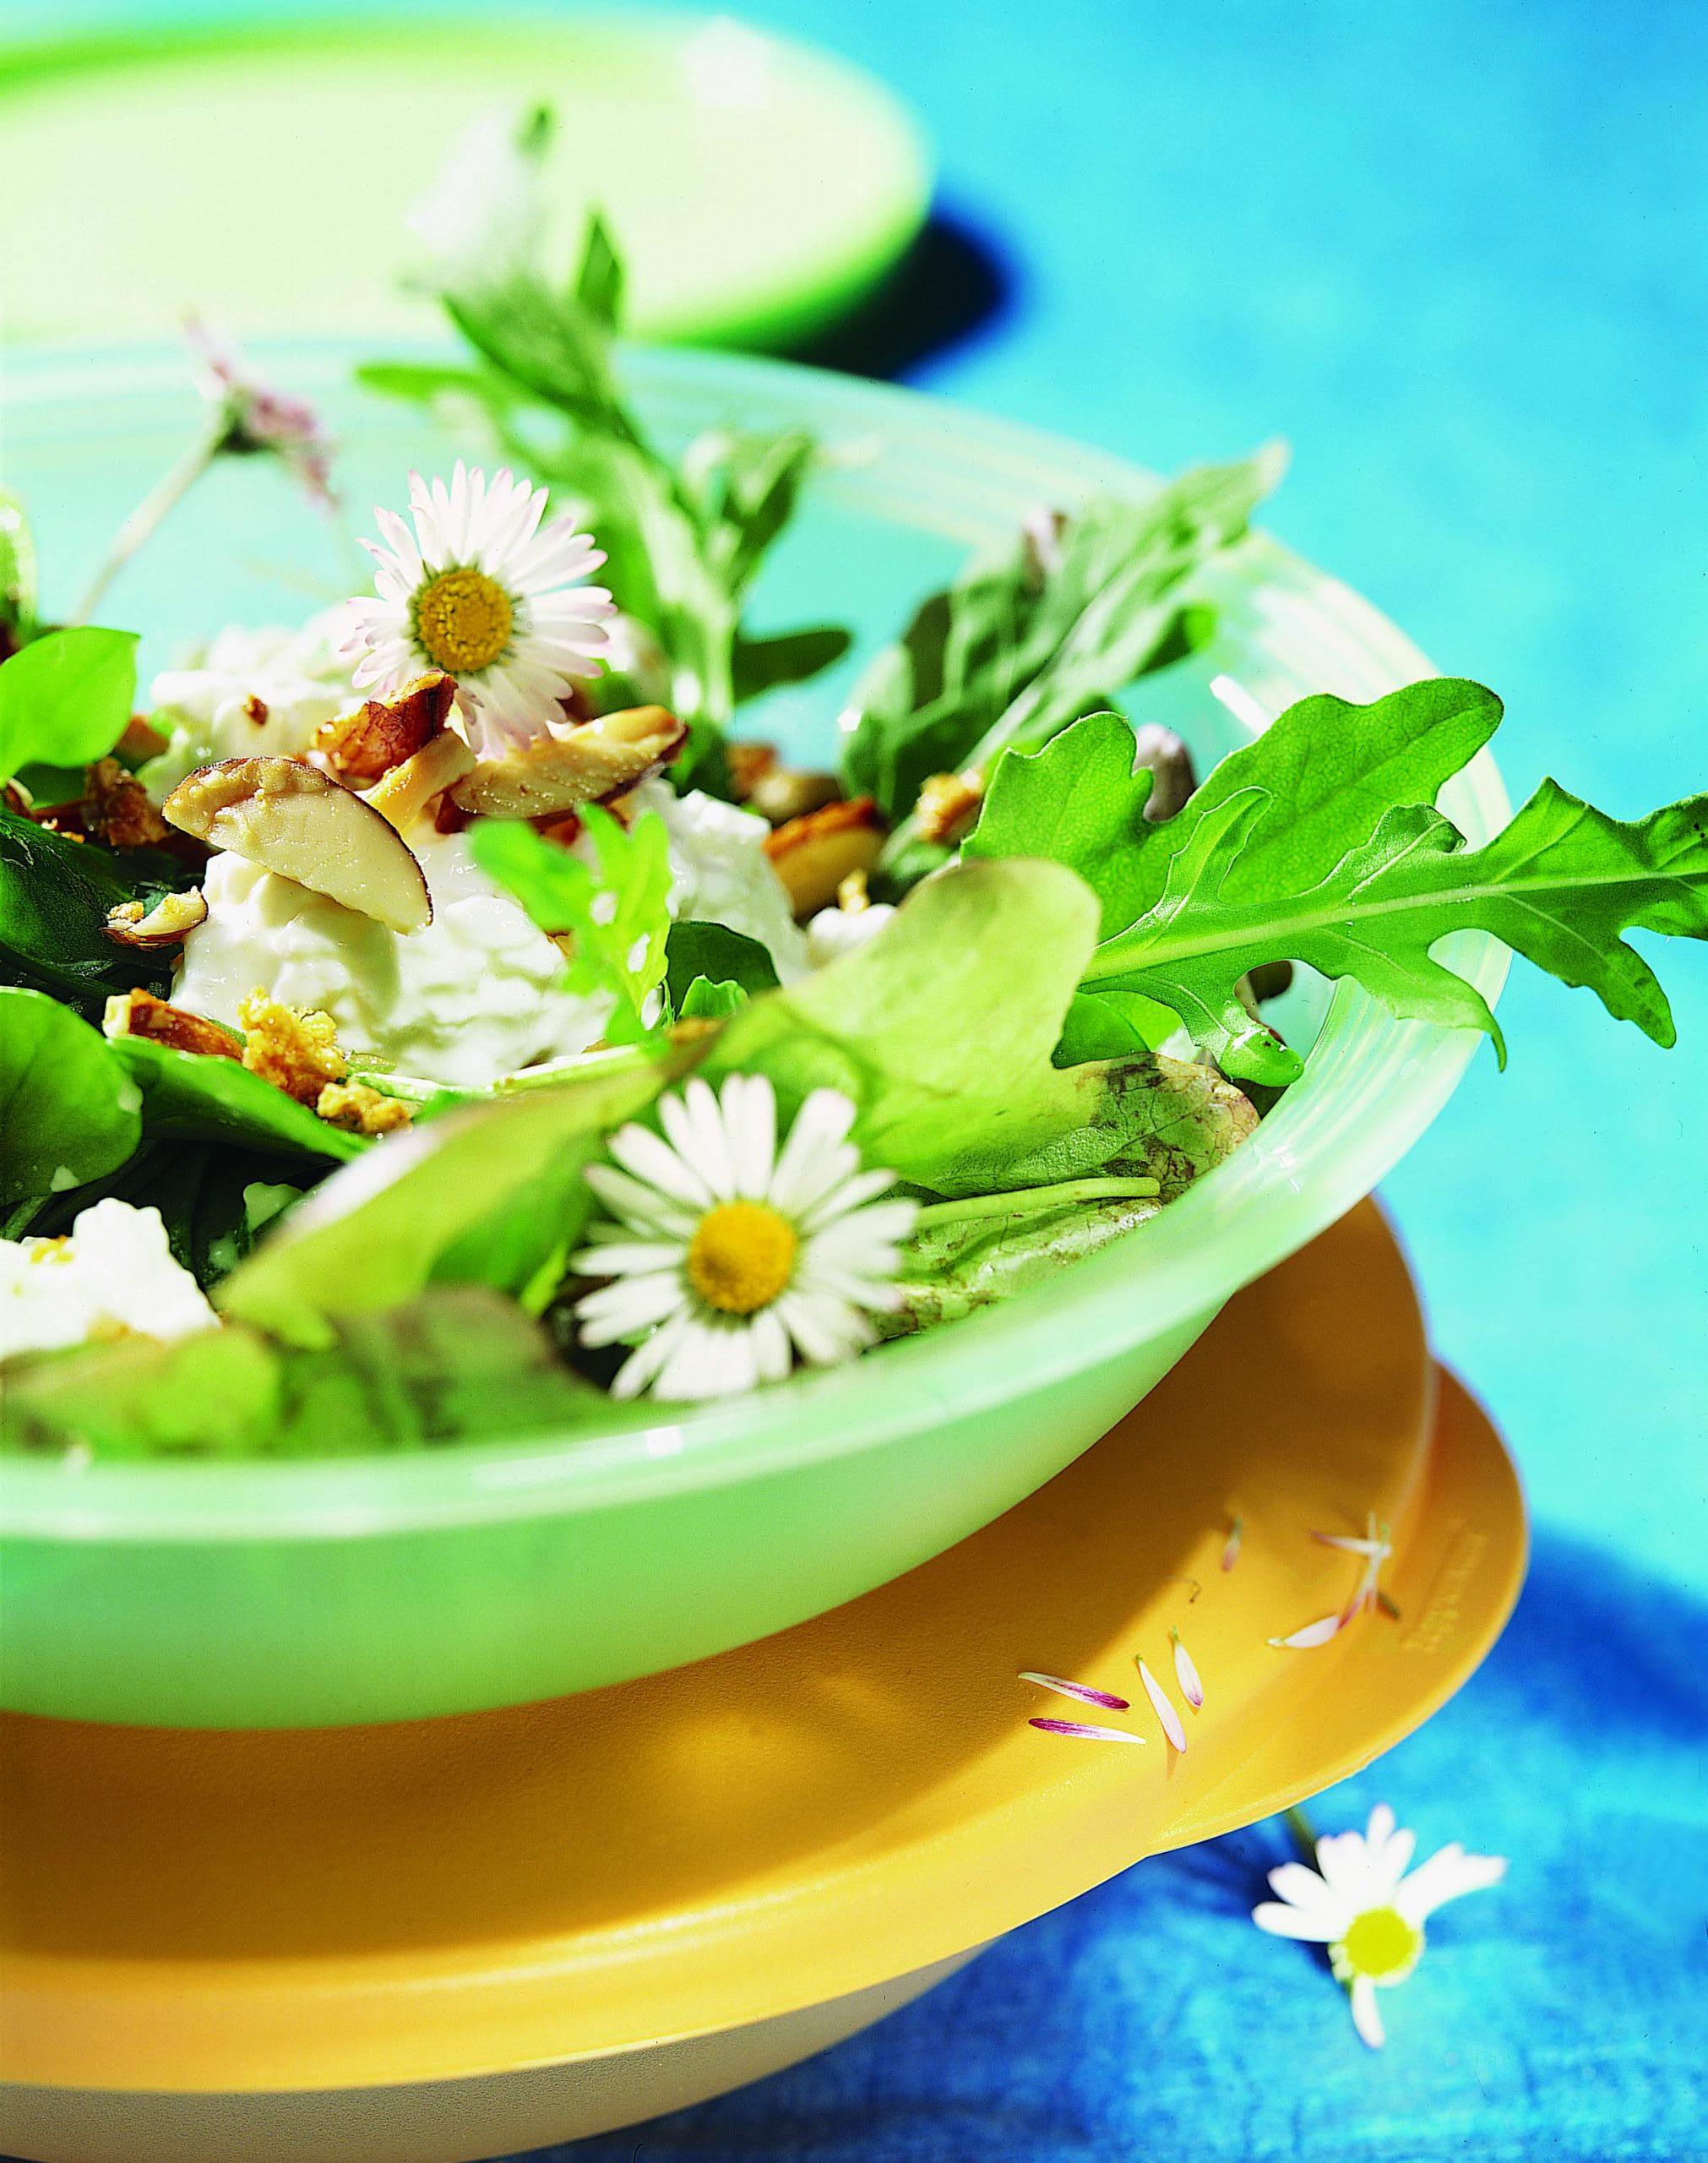 Salade printanière au cottage cheese et aux amandes